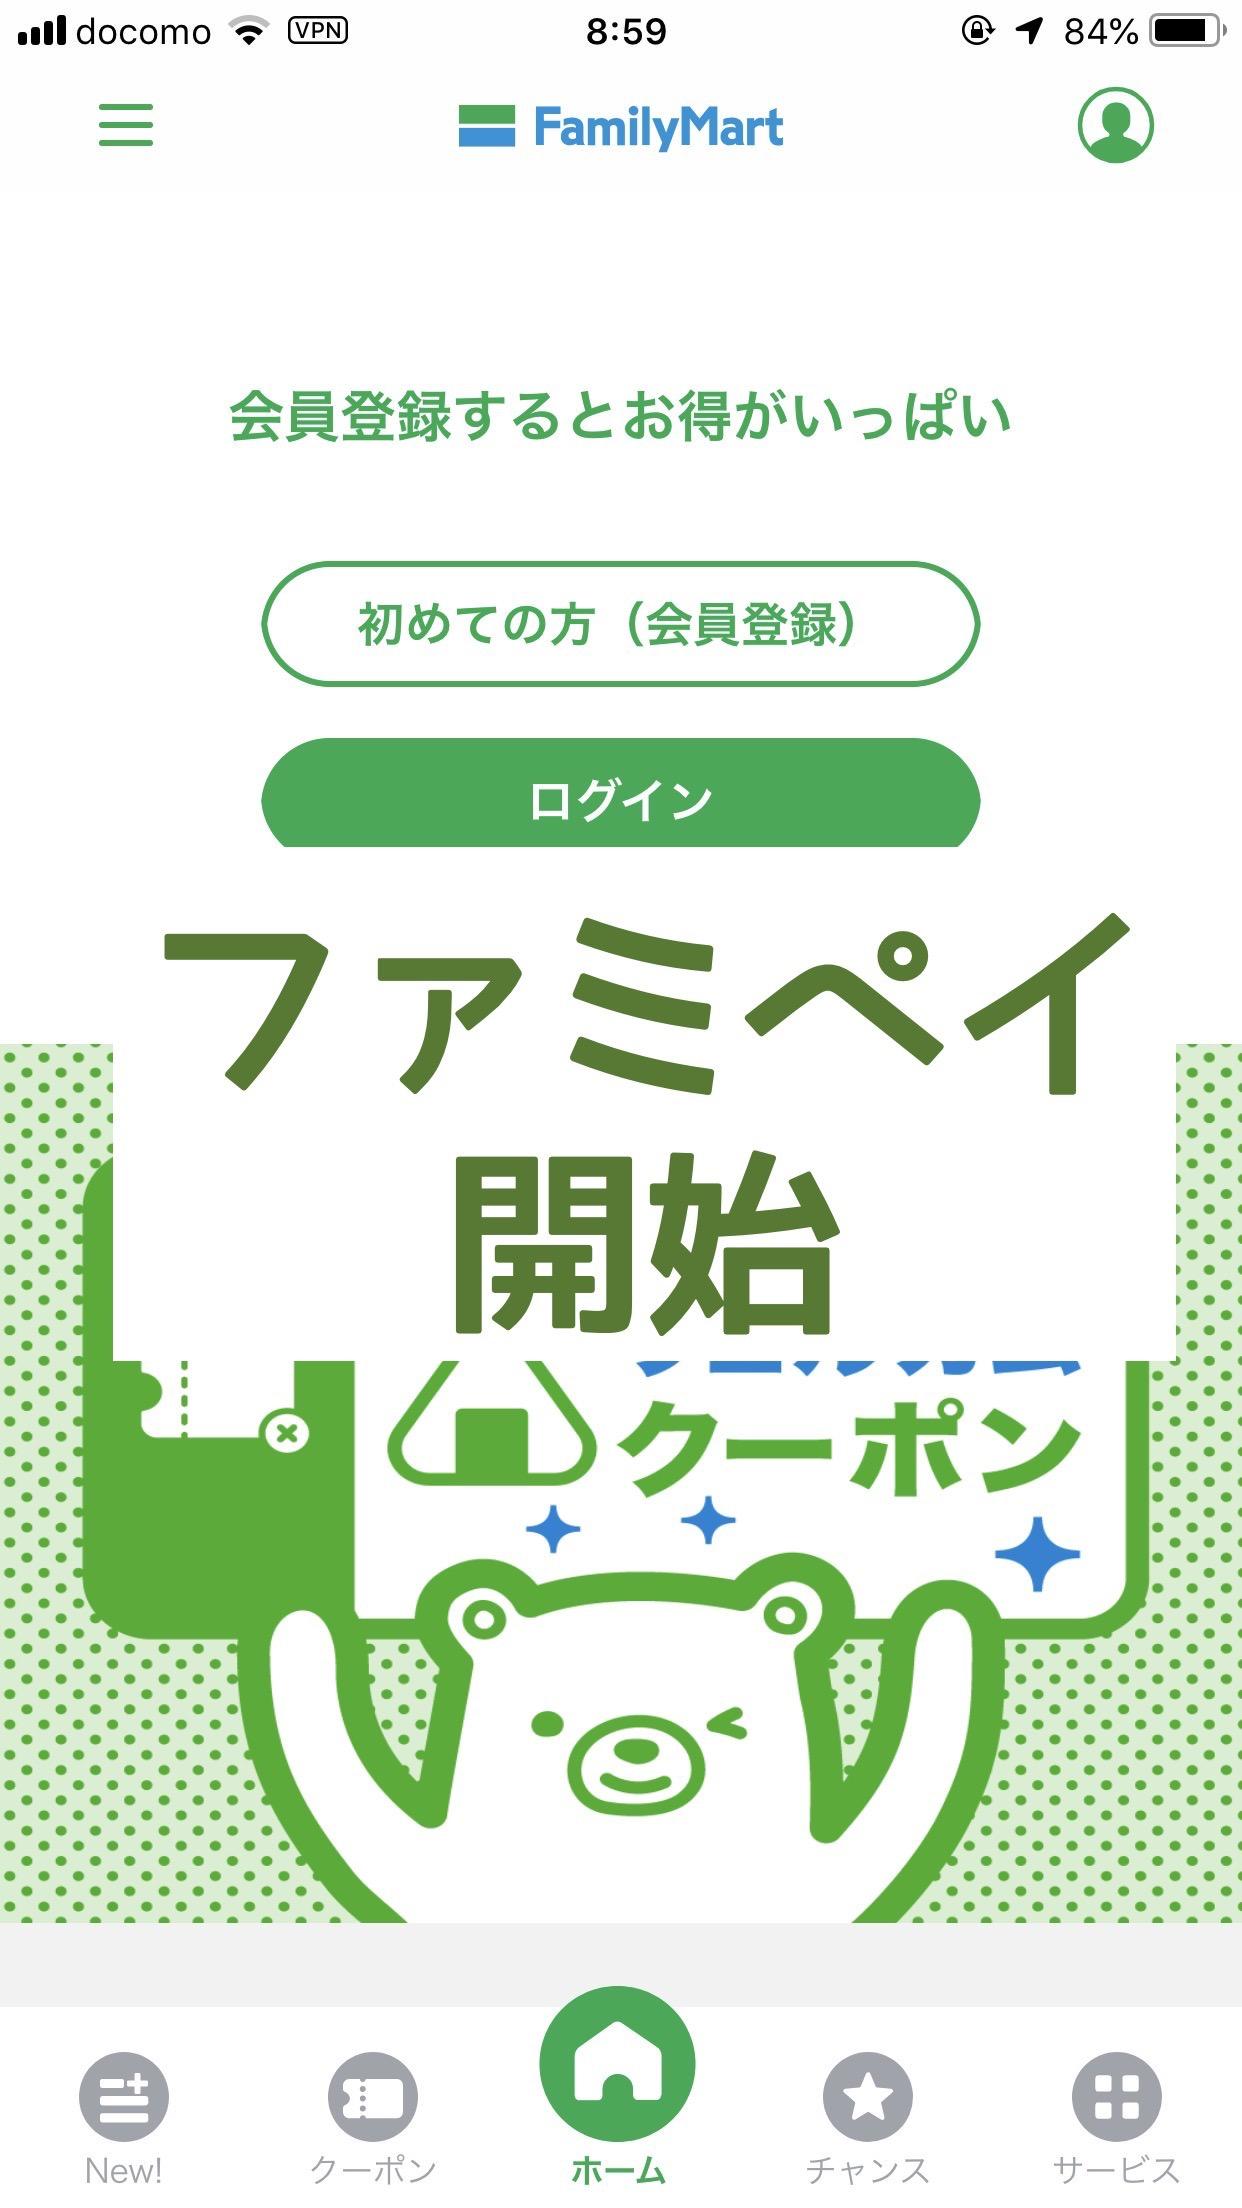 ファミマのスマホ決済「ファミペイ」7月1日より開始(ユーザー登録できない)